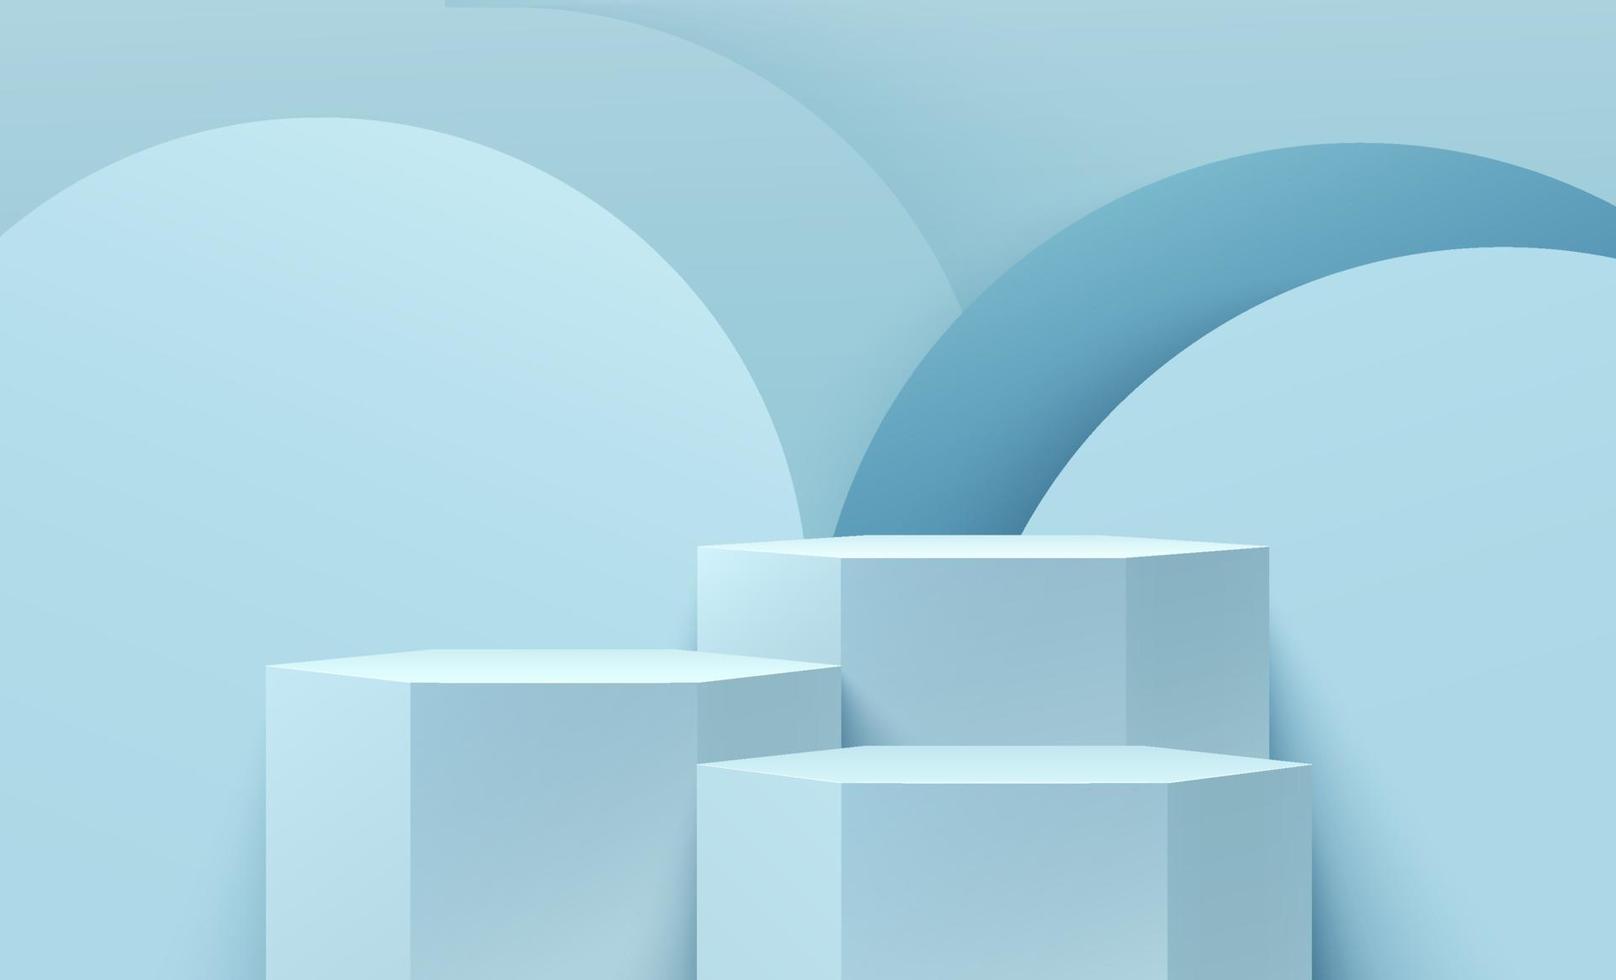 affichage hexagonal abstrait pour produit sur site Web dans un design moderne. rendu de fond avec podium et scène de mur de texture de cercle bleu clair minimal, conception de forme géométrique de rendu 3D. illustration vectorielle vecteur